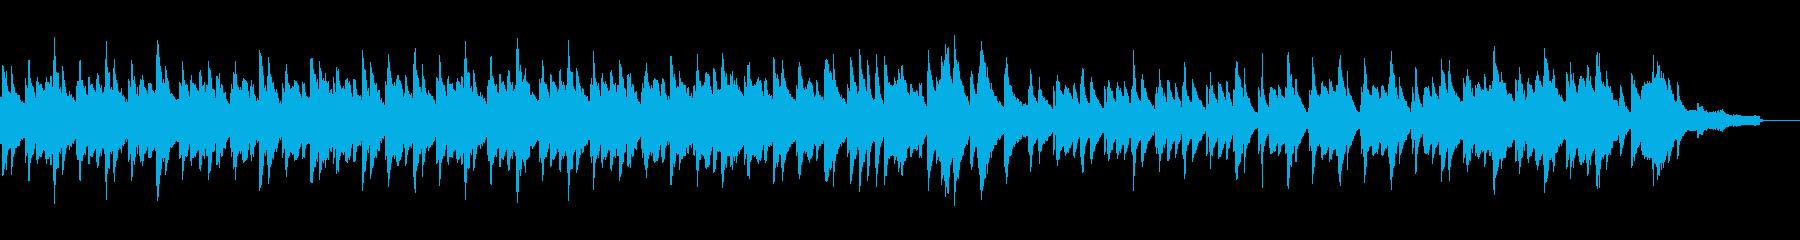 フレンチ風のおしゃれなピアノの再生済みの波形